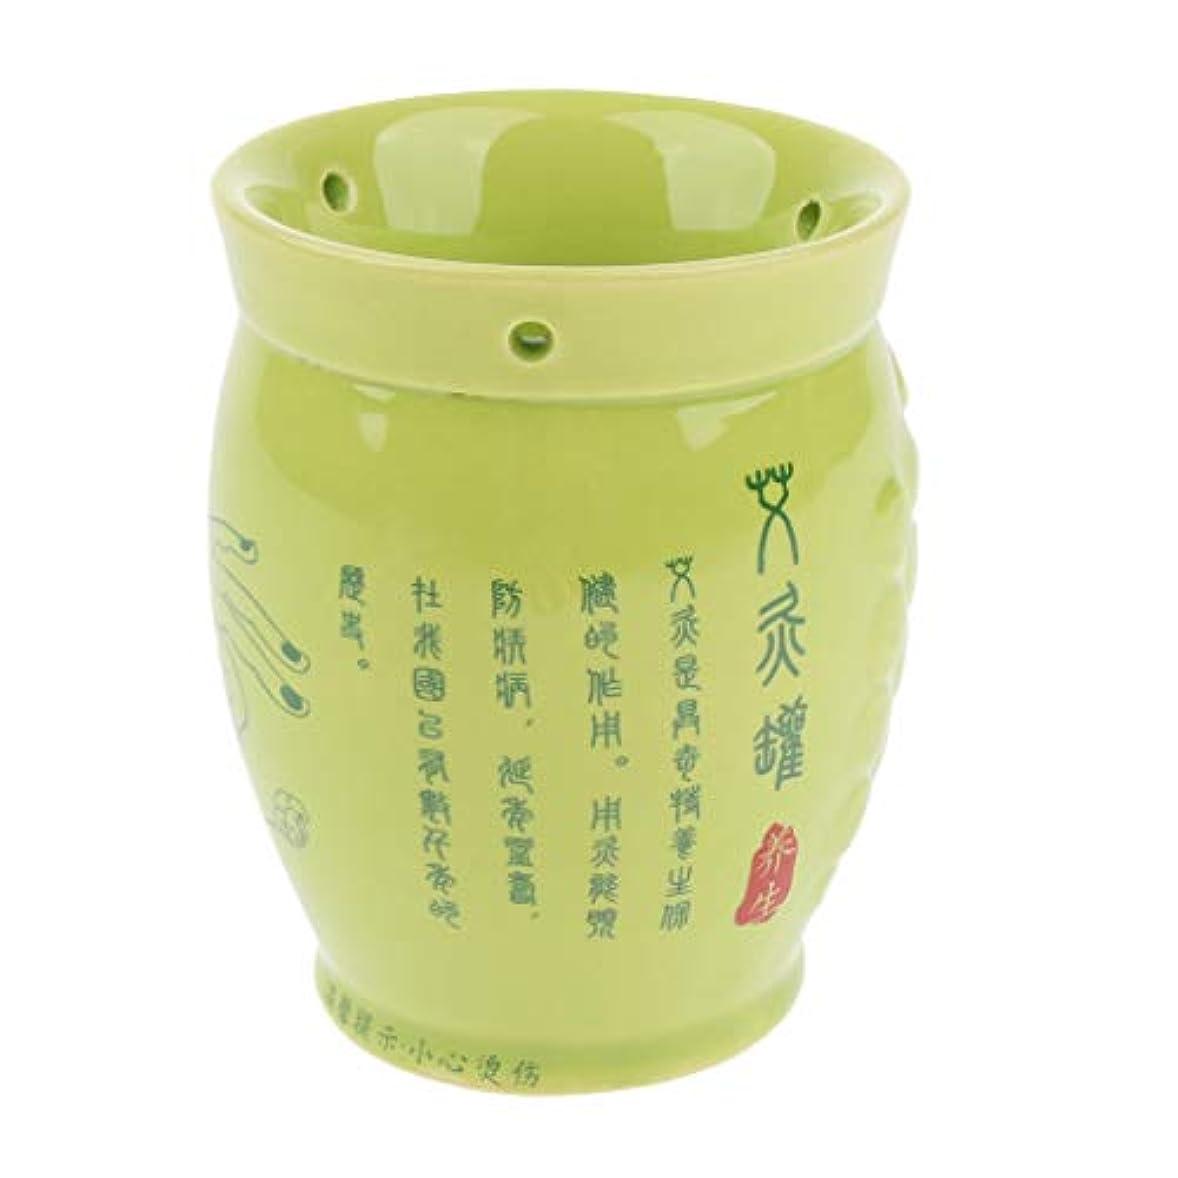 相談するサーバ名誉あるD DOLITY 中国式カッピングカップ 缶 ポット マッサージ お灸 セラミック製